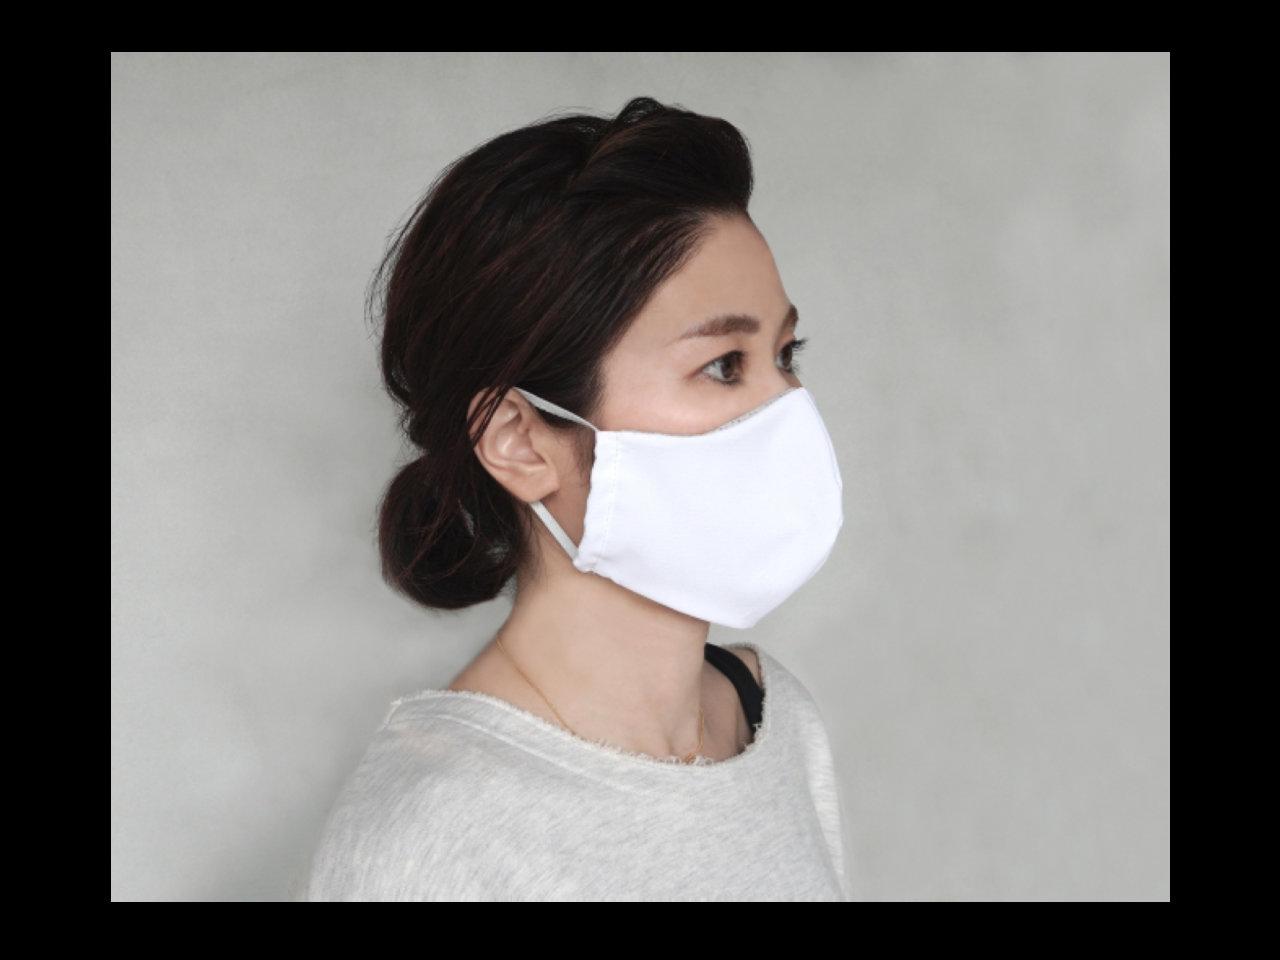 神戸の靴工房がスタッフのために作った「ポケピタマスク™」に、新しく2種が新登場です。